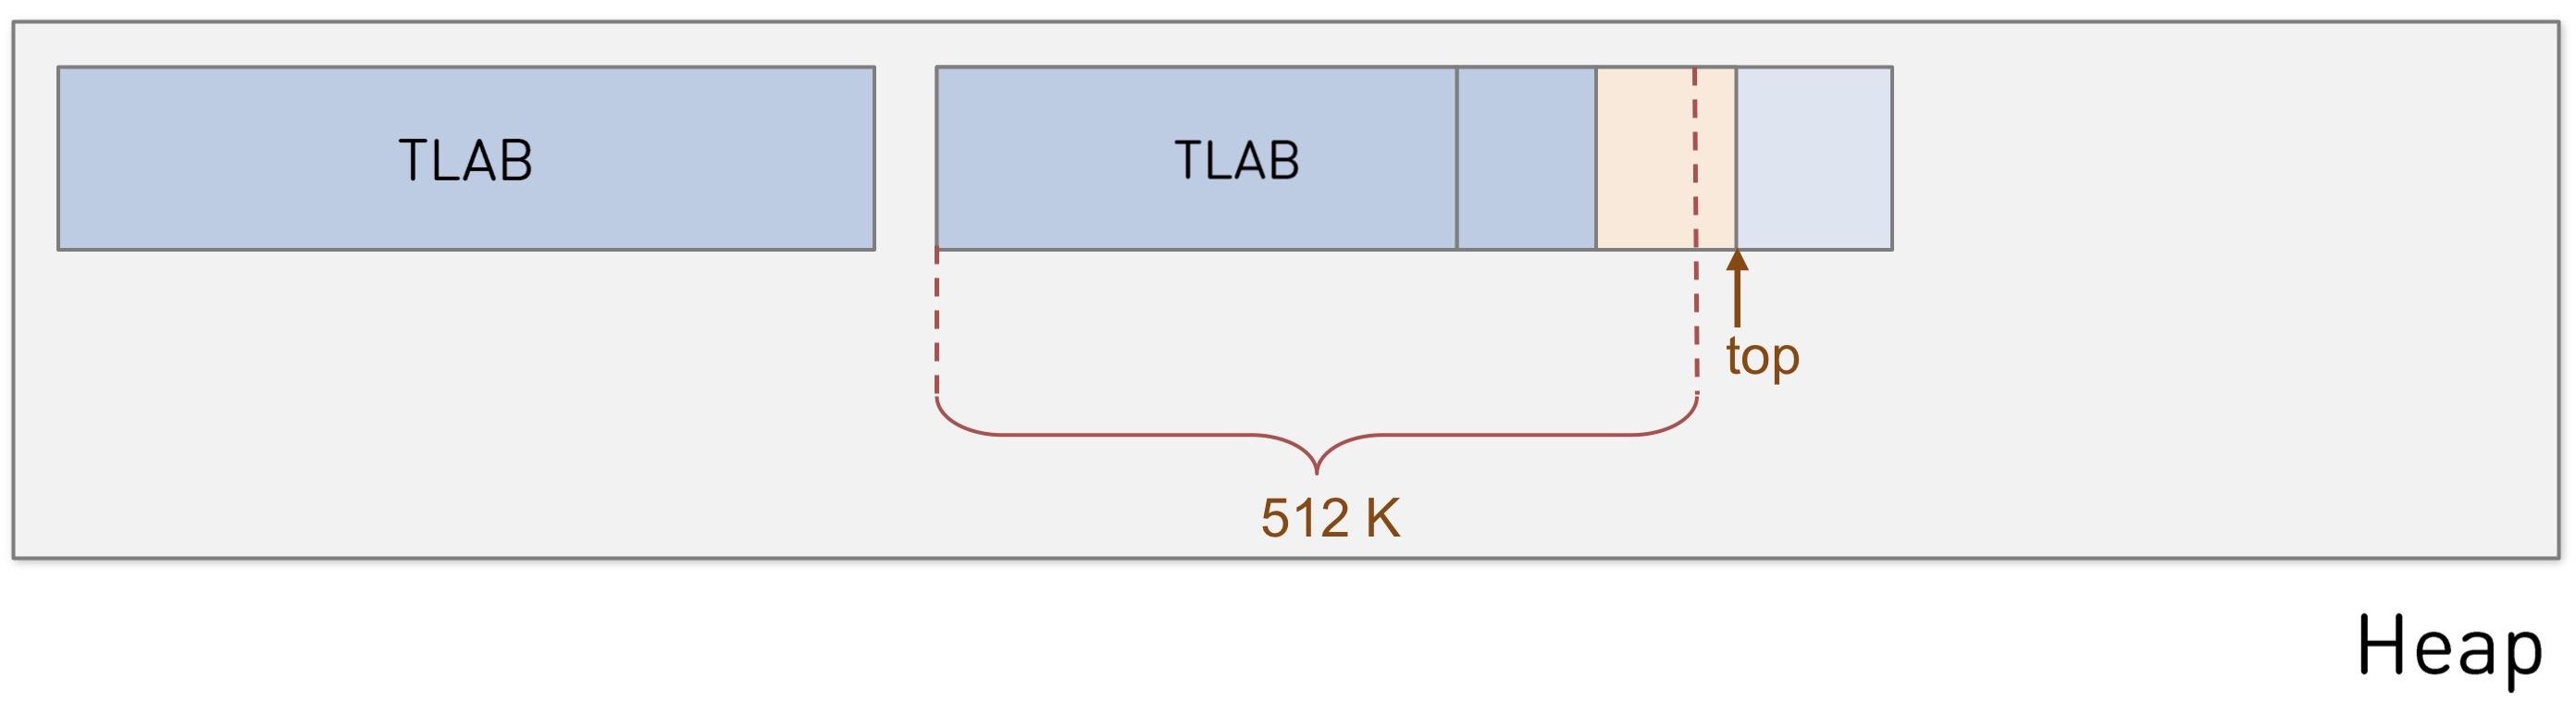 JVM TI: как сделать плагин для виртуальной машины - 21